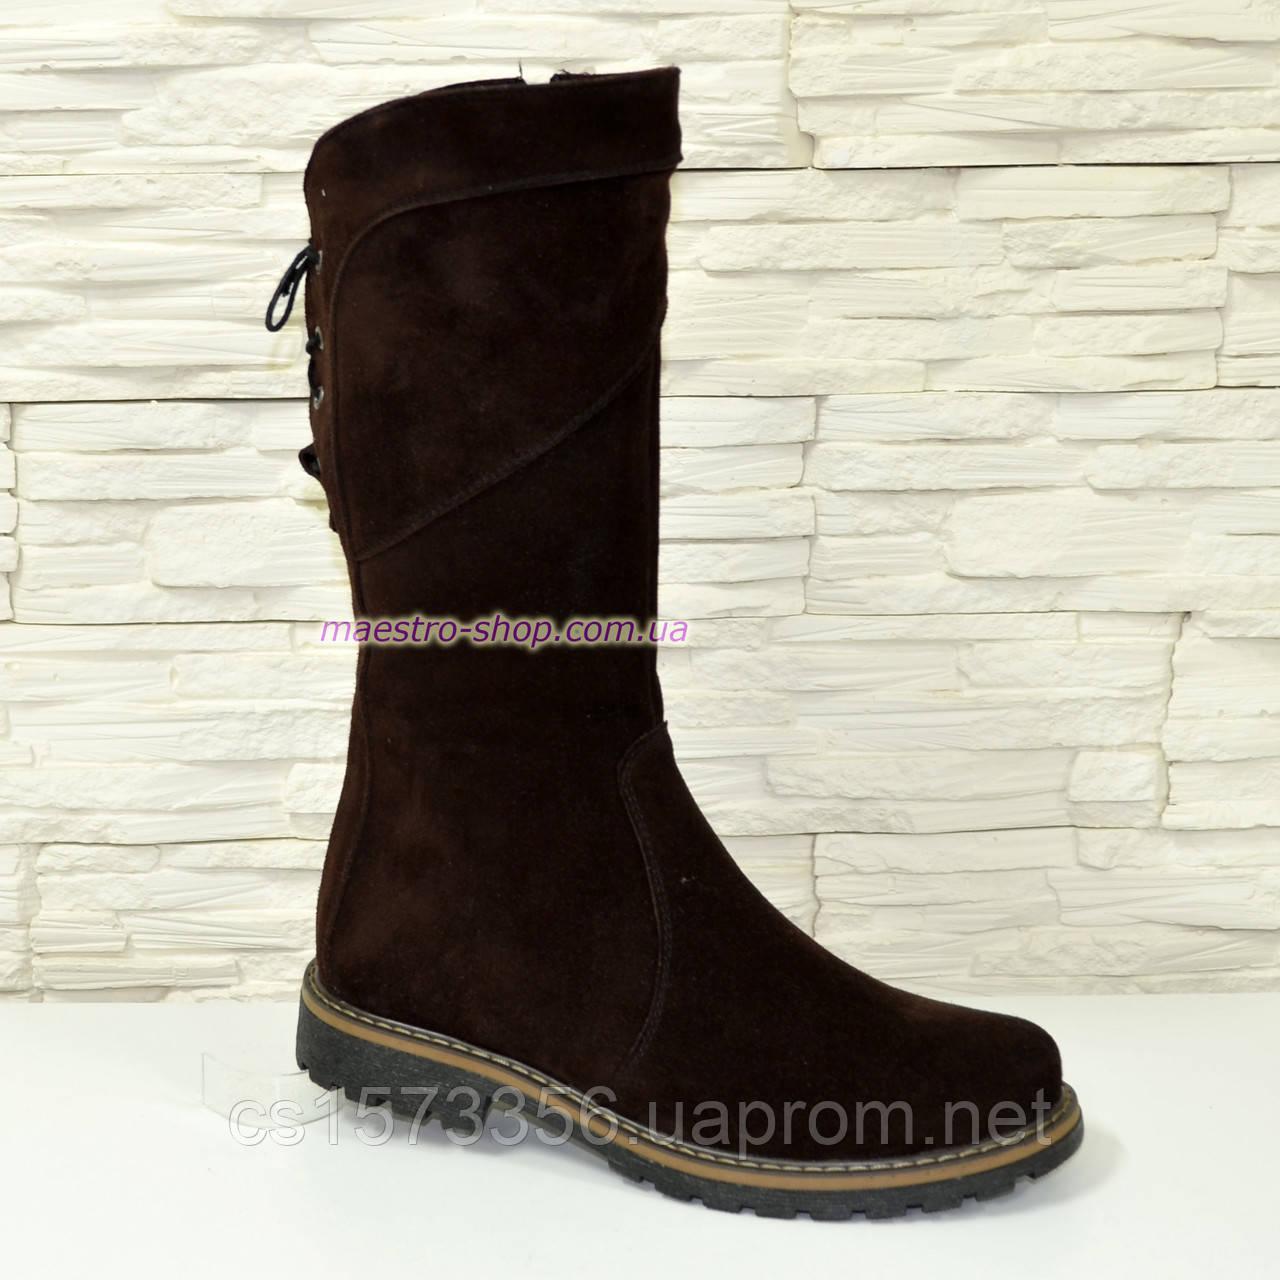 Женские ботинки замшевые коричневого цвета демисезонные